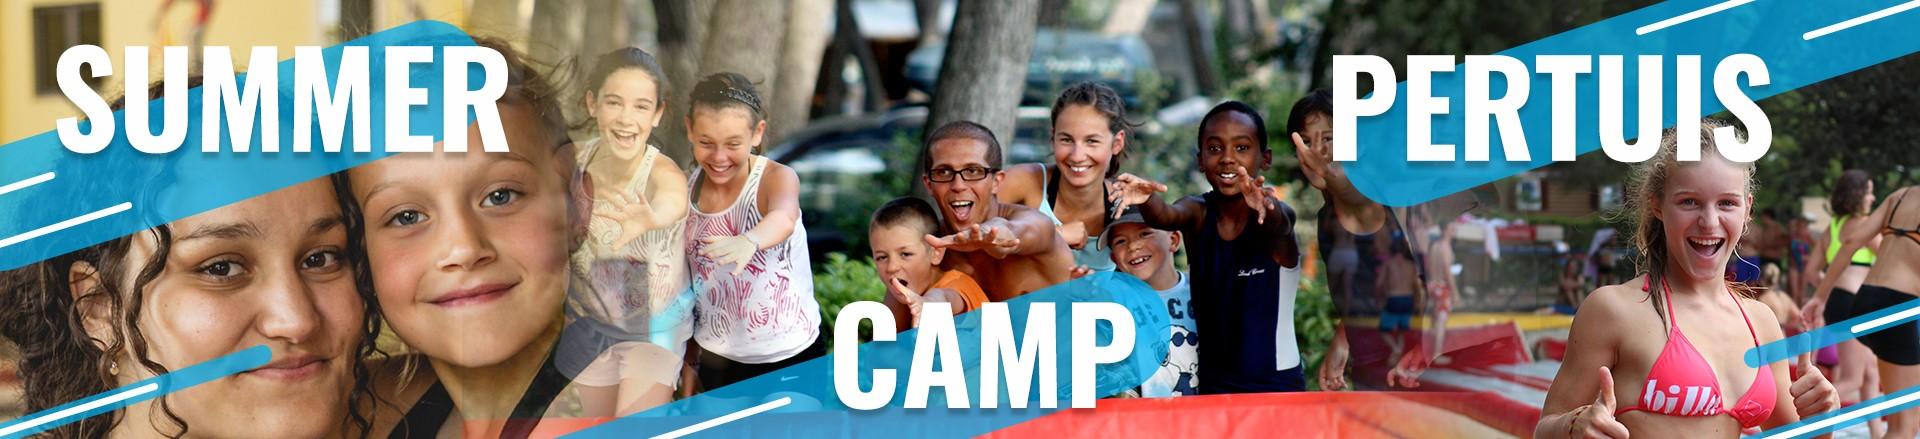 Les avis sur le Summer Camp Pertuis